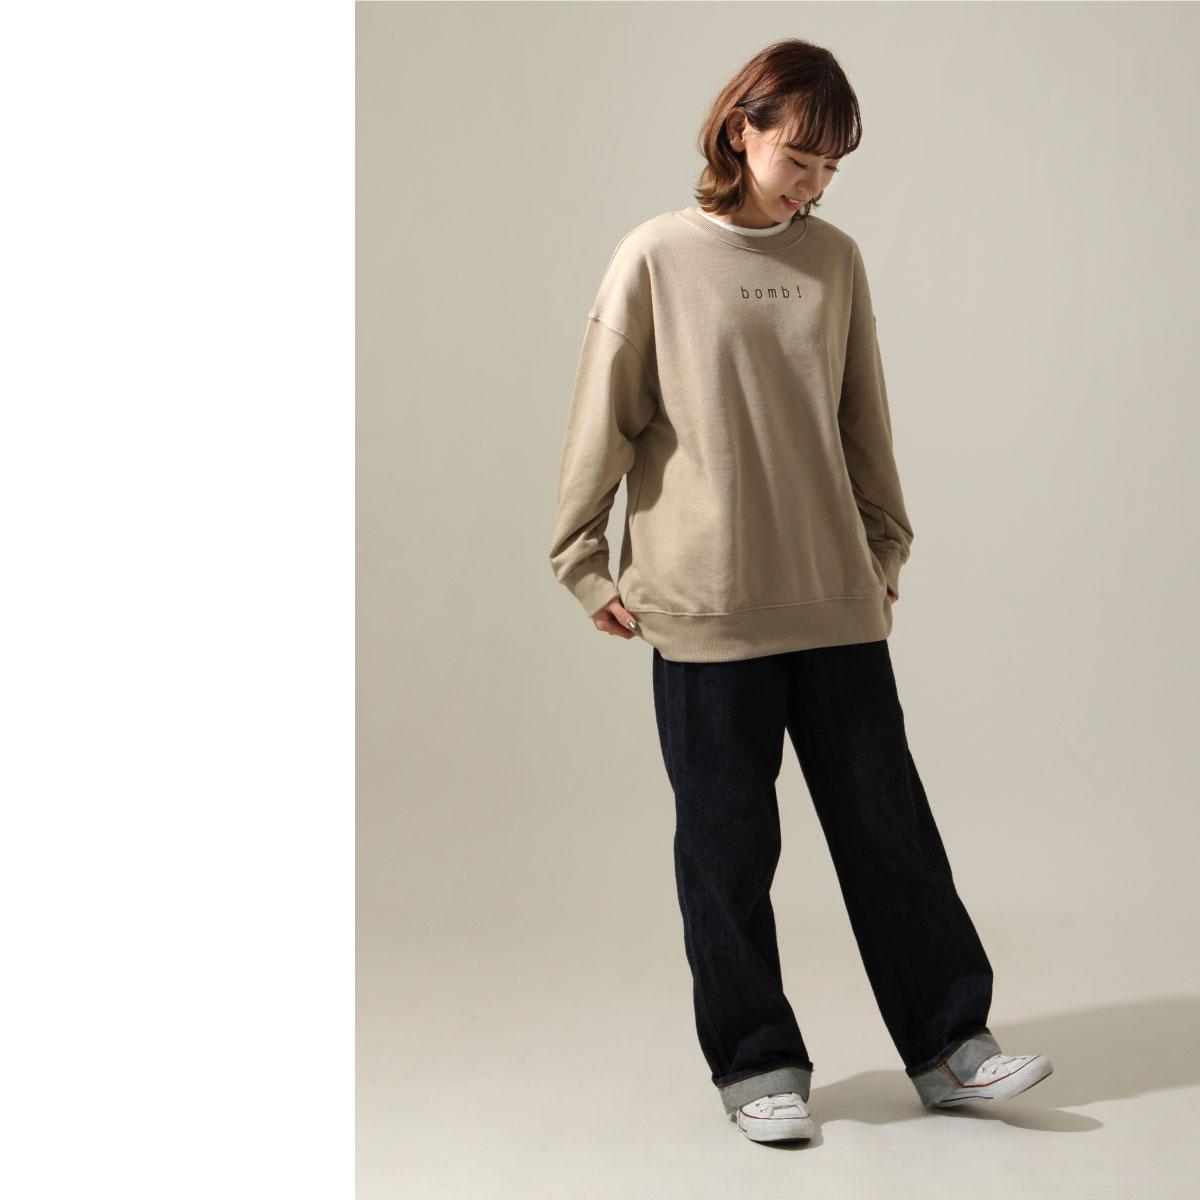 女裝 LOGO設計寬版運動衫 7